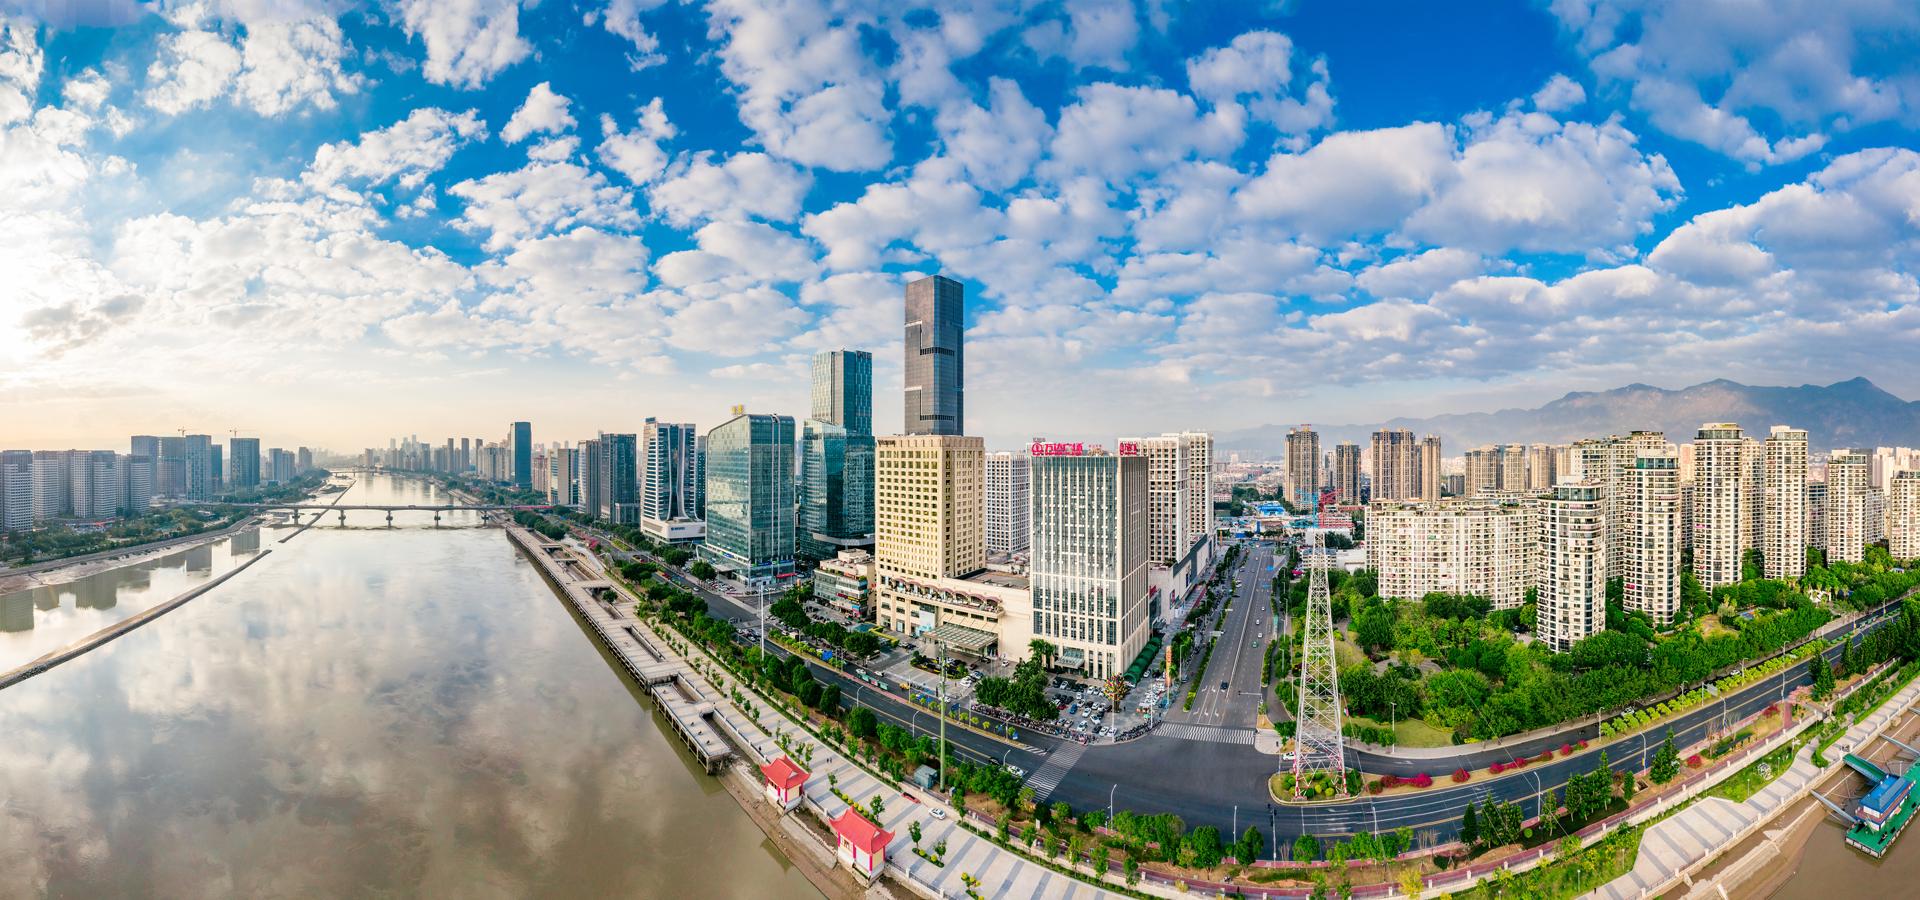 Peer-to-peer advisory in Fuzhou, Fujian, China